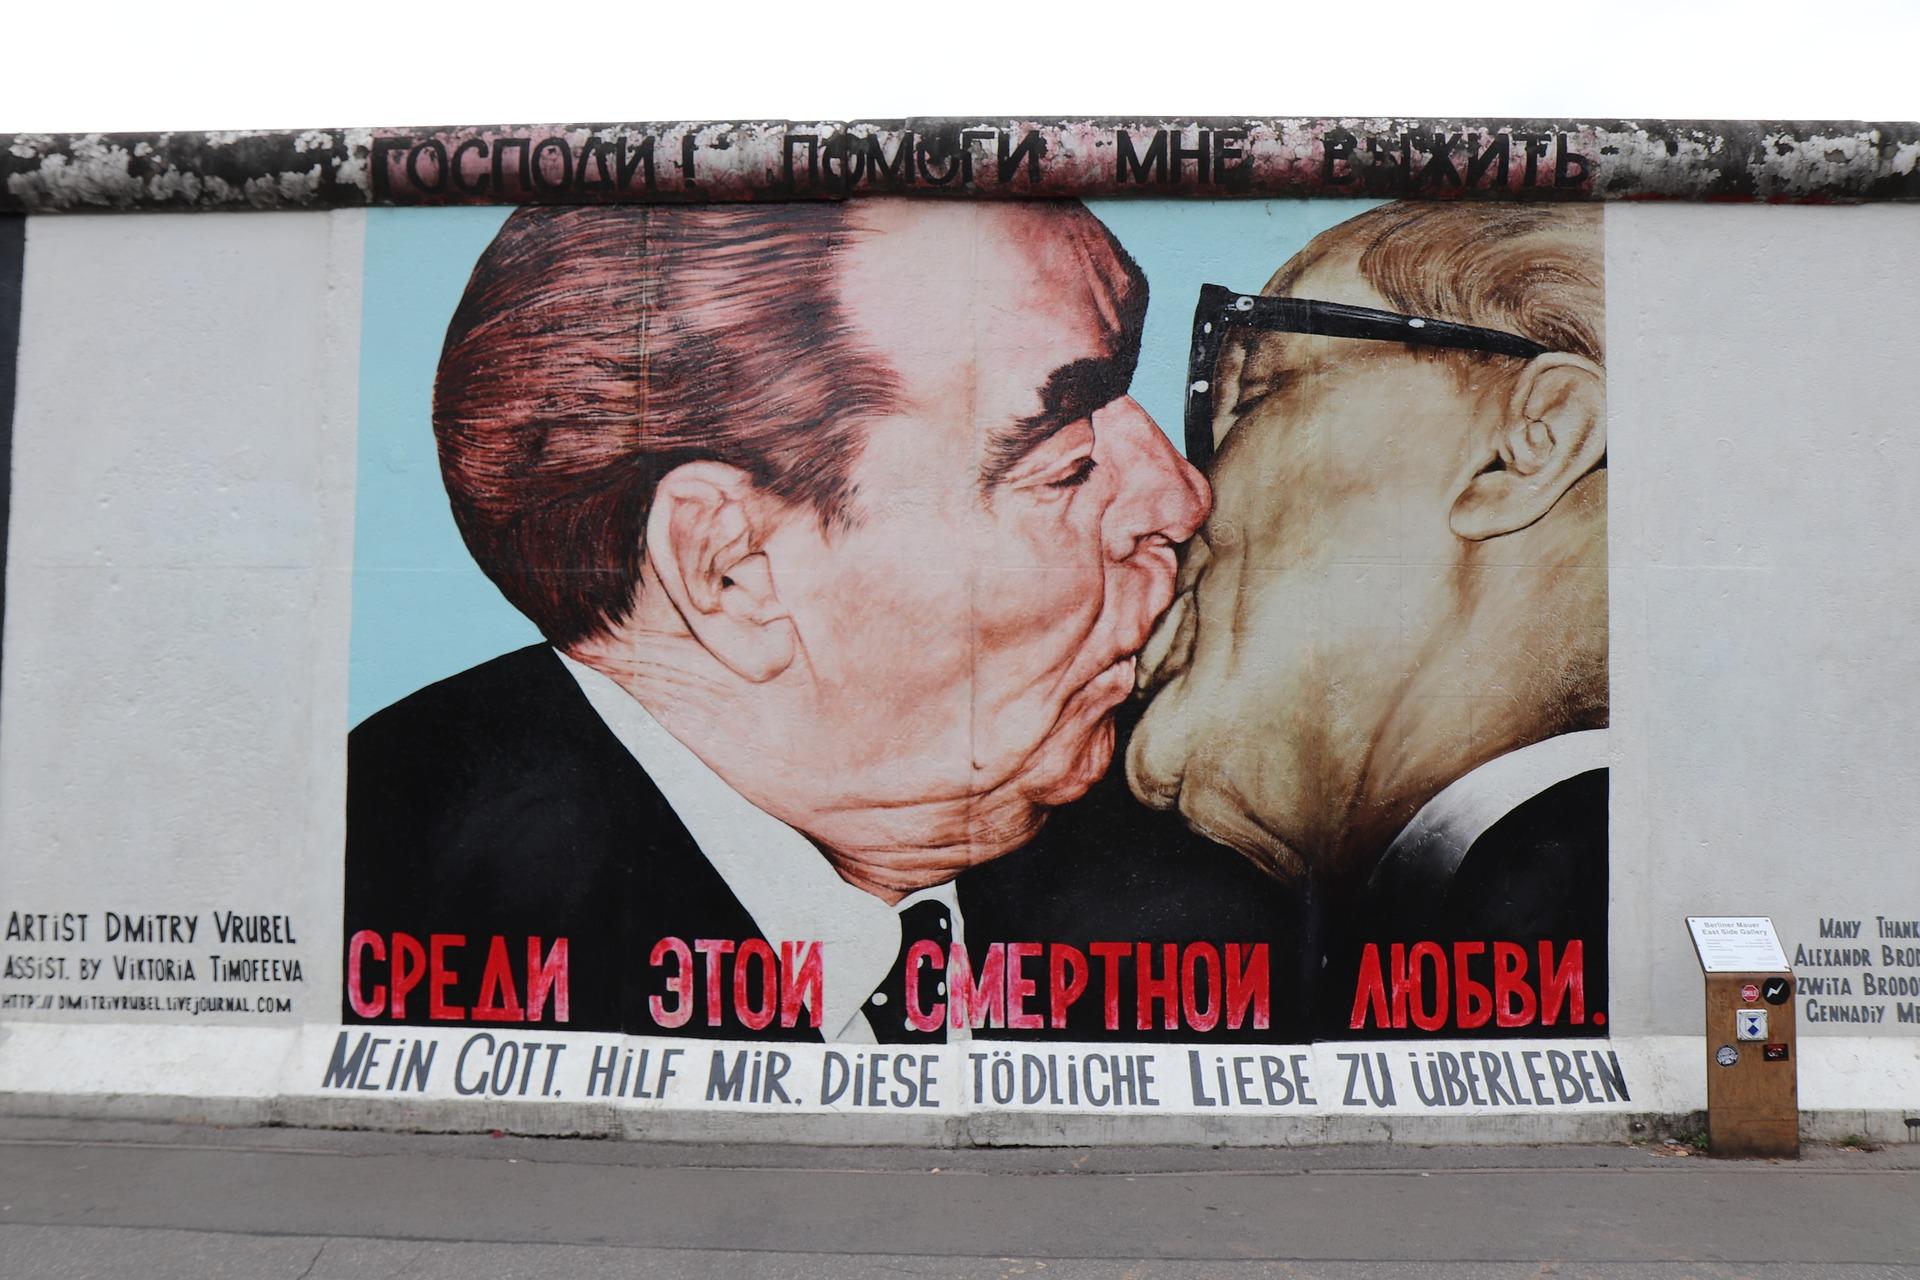 East Side Gallery Berlijn Duitsland